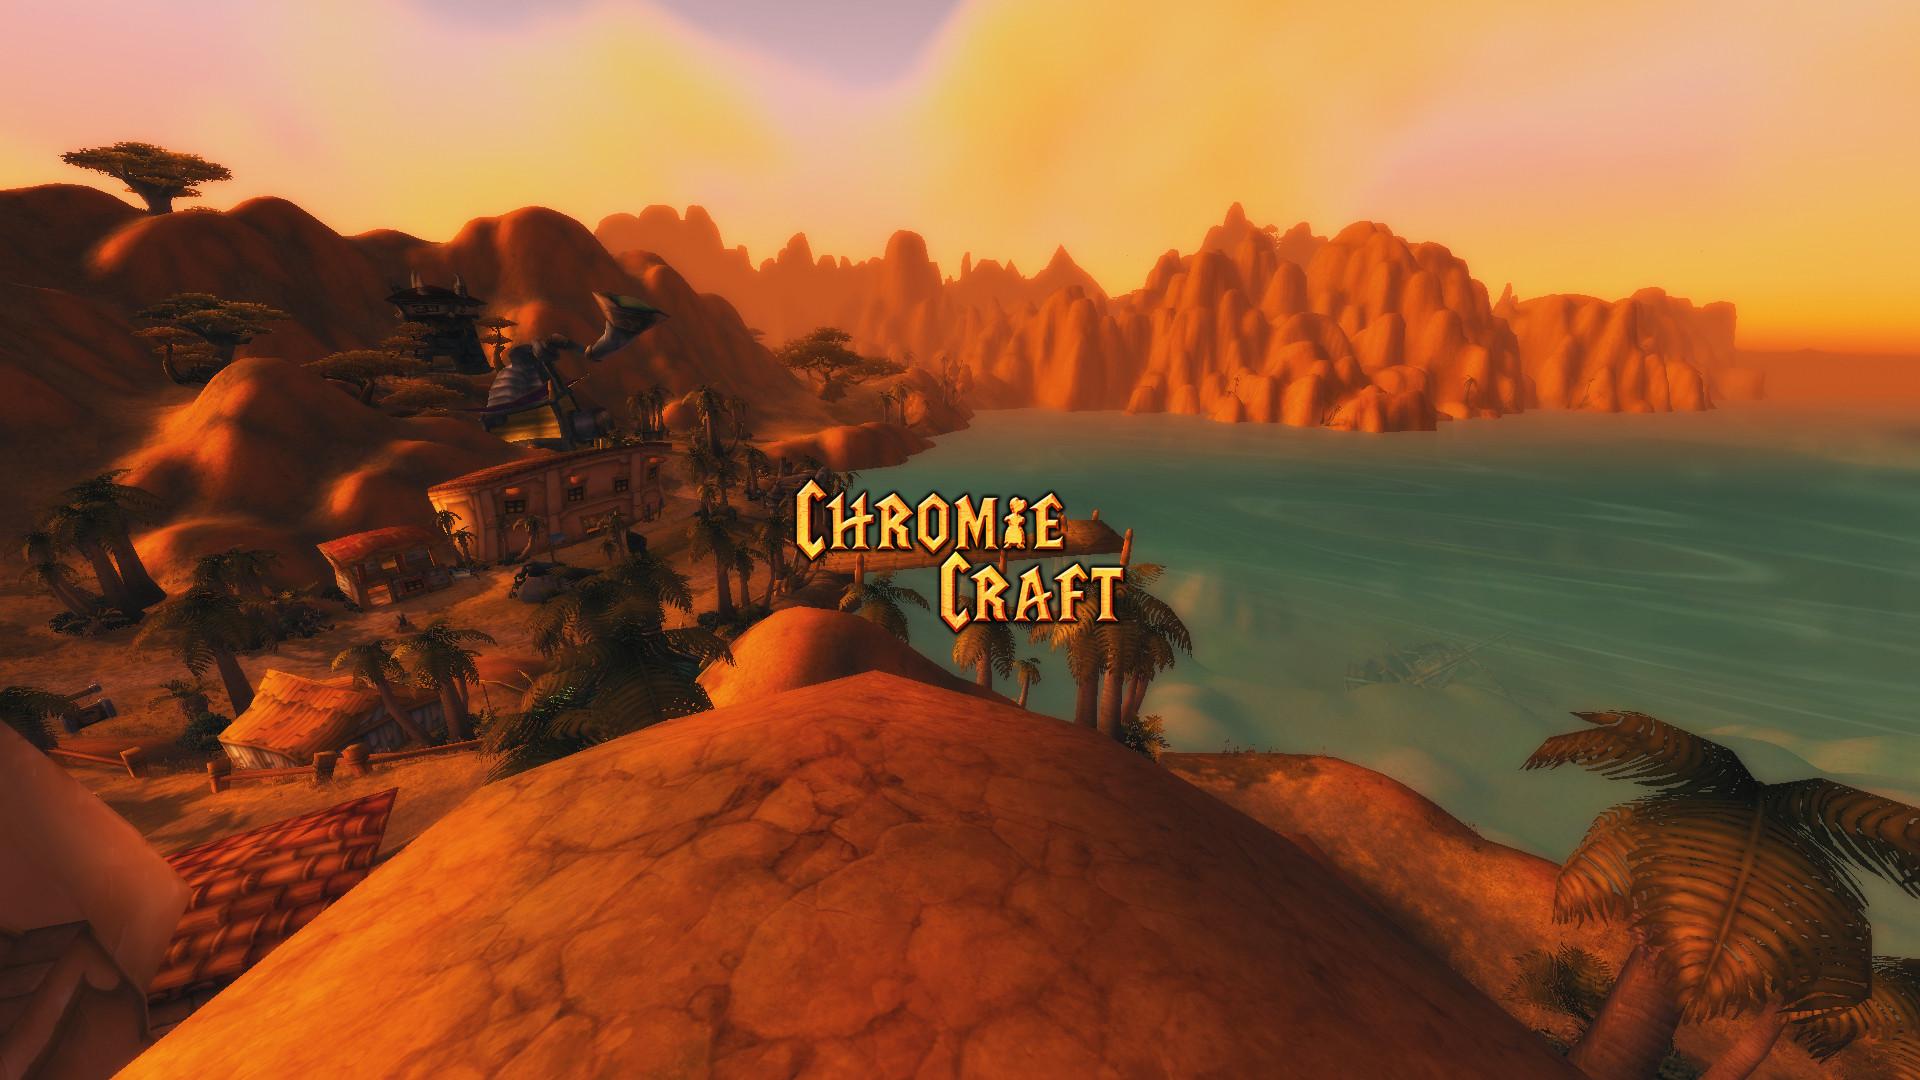 ChromieCraft Top Contributors June 2021 - 2